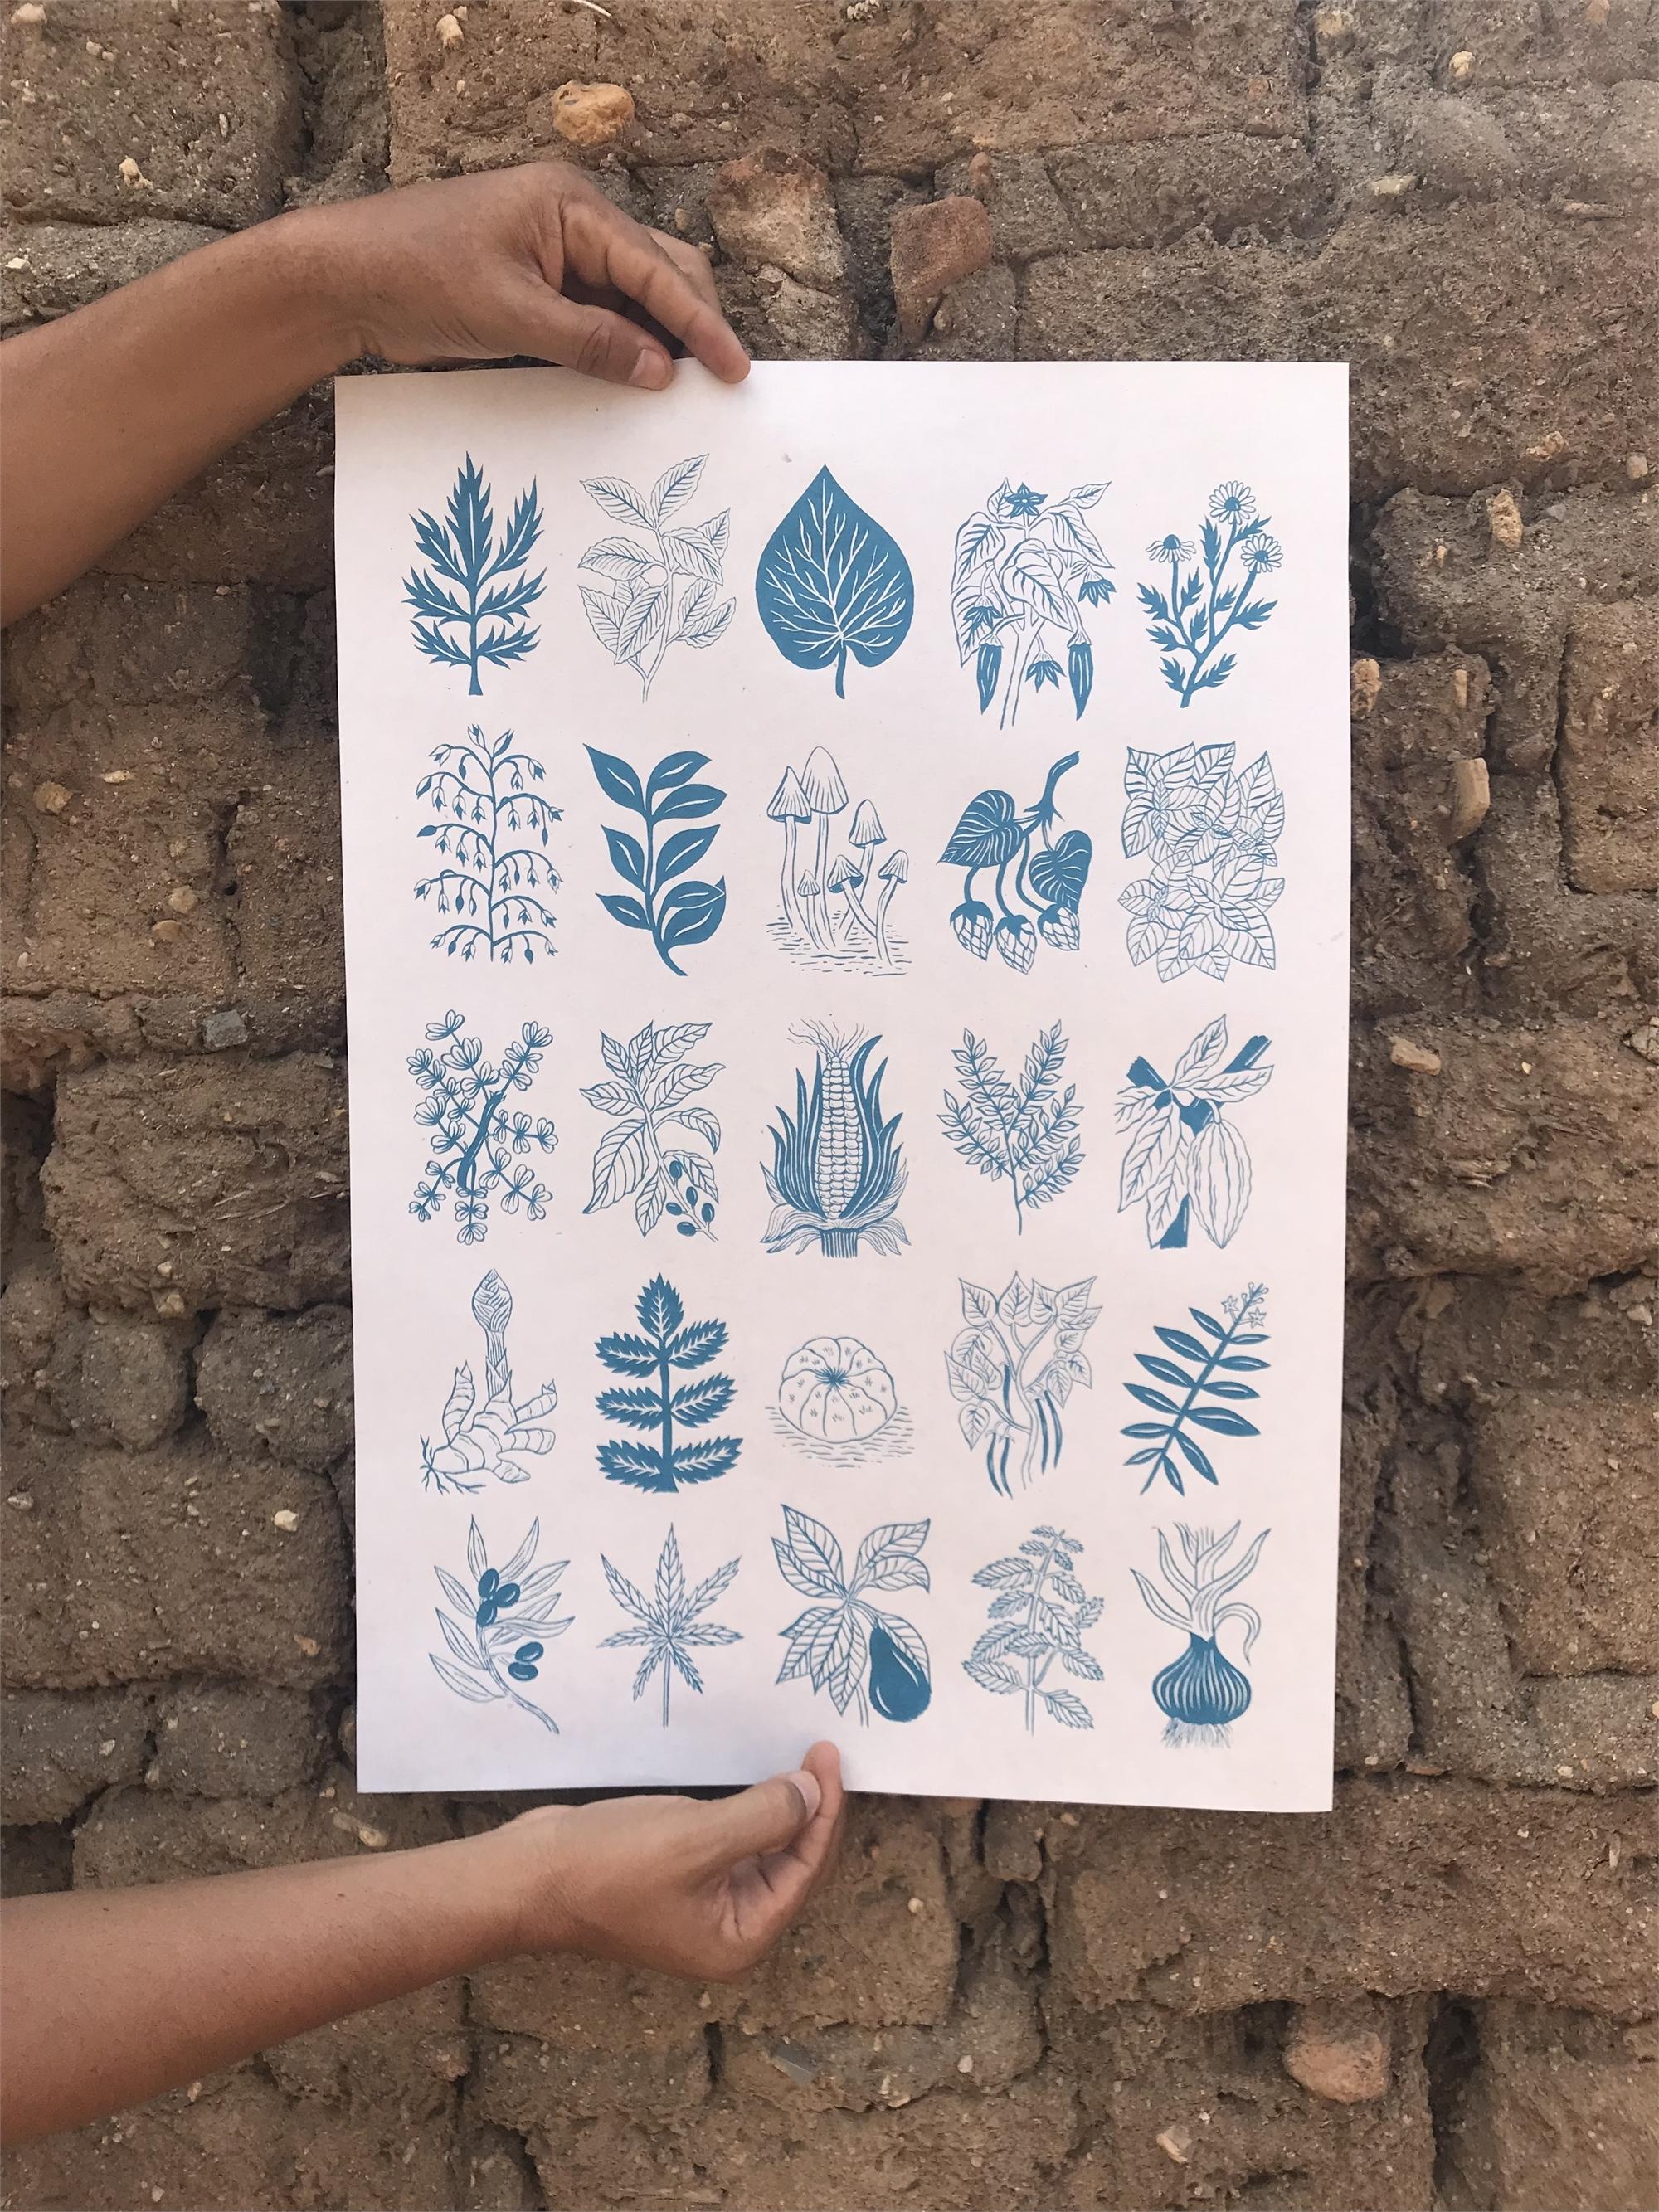 Sabiduría Salvaje (Wild Wisdom, Blue) by Mirel Fraga